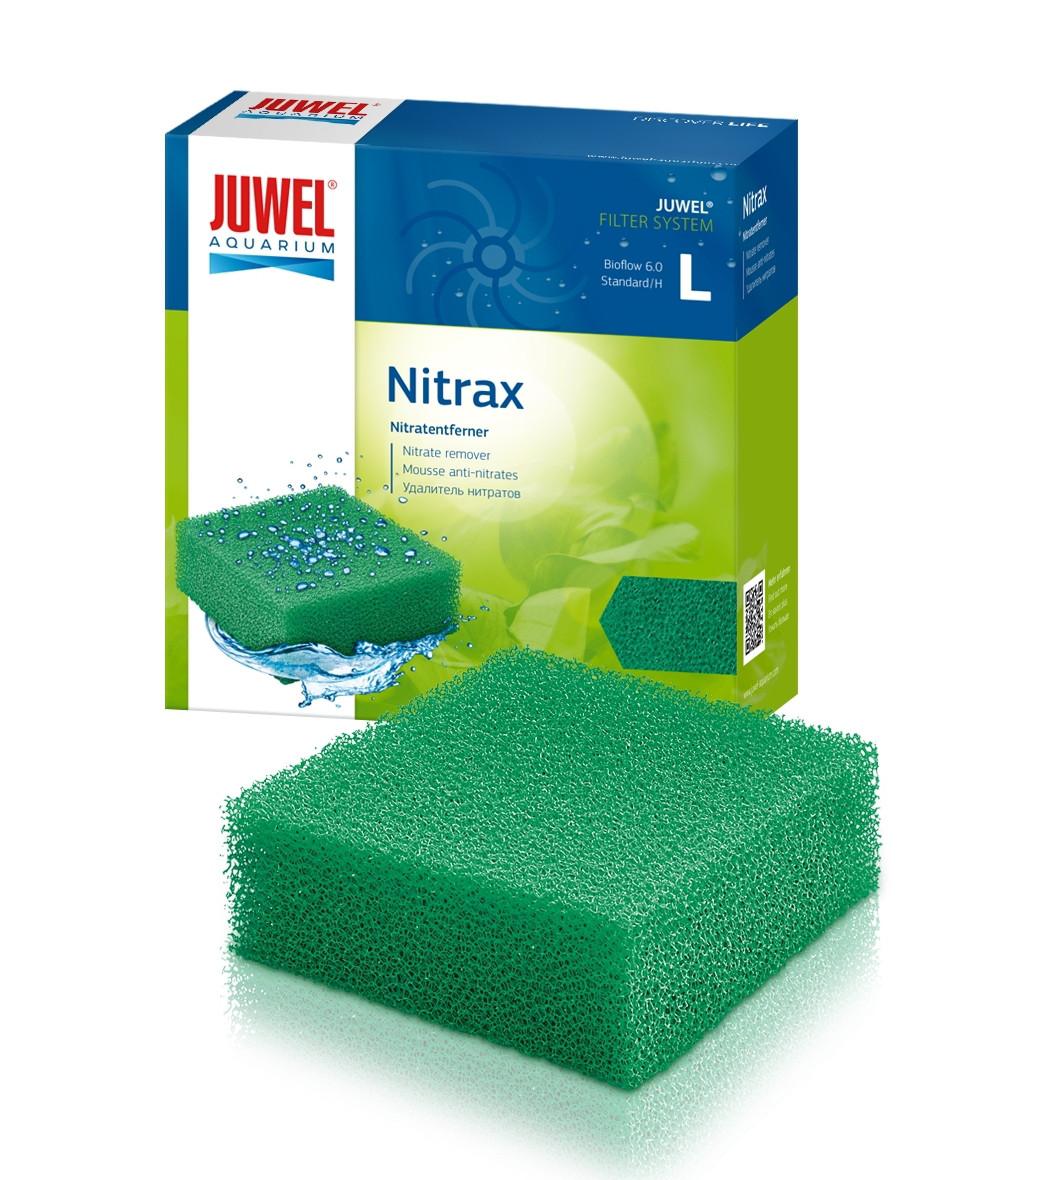 Губка для розкладання нітратів Nitrax L (Standart) для акваріума JUWEL